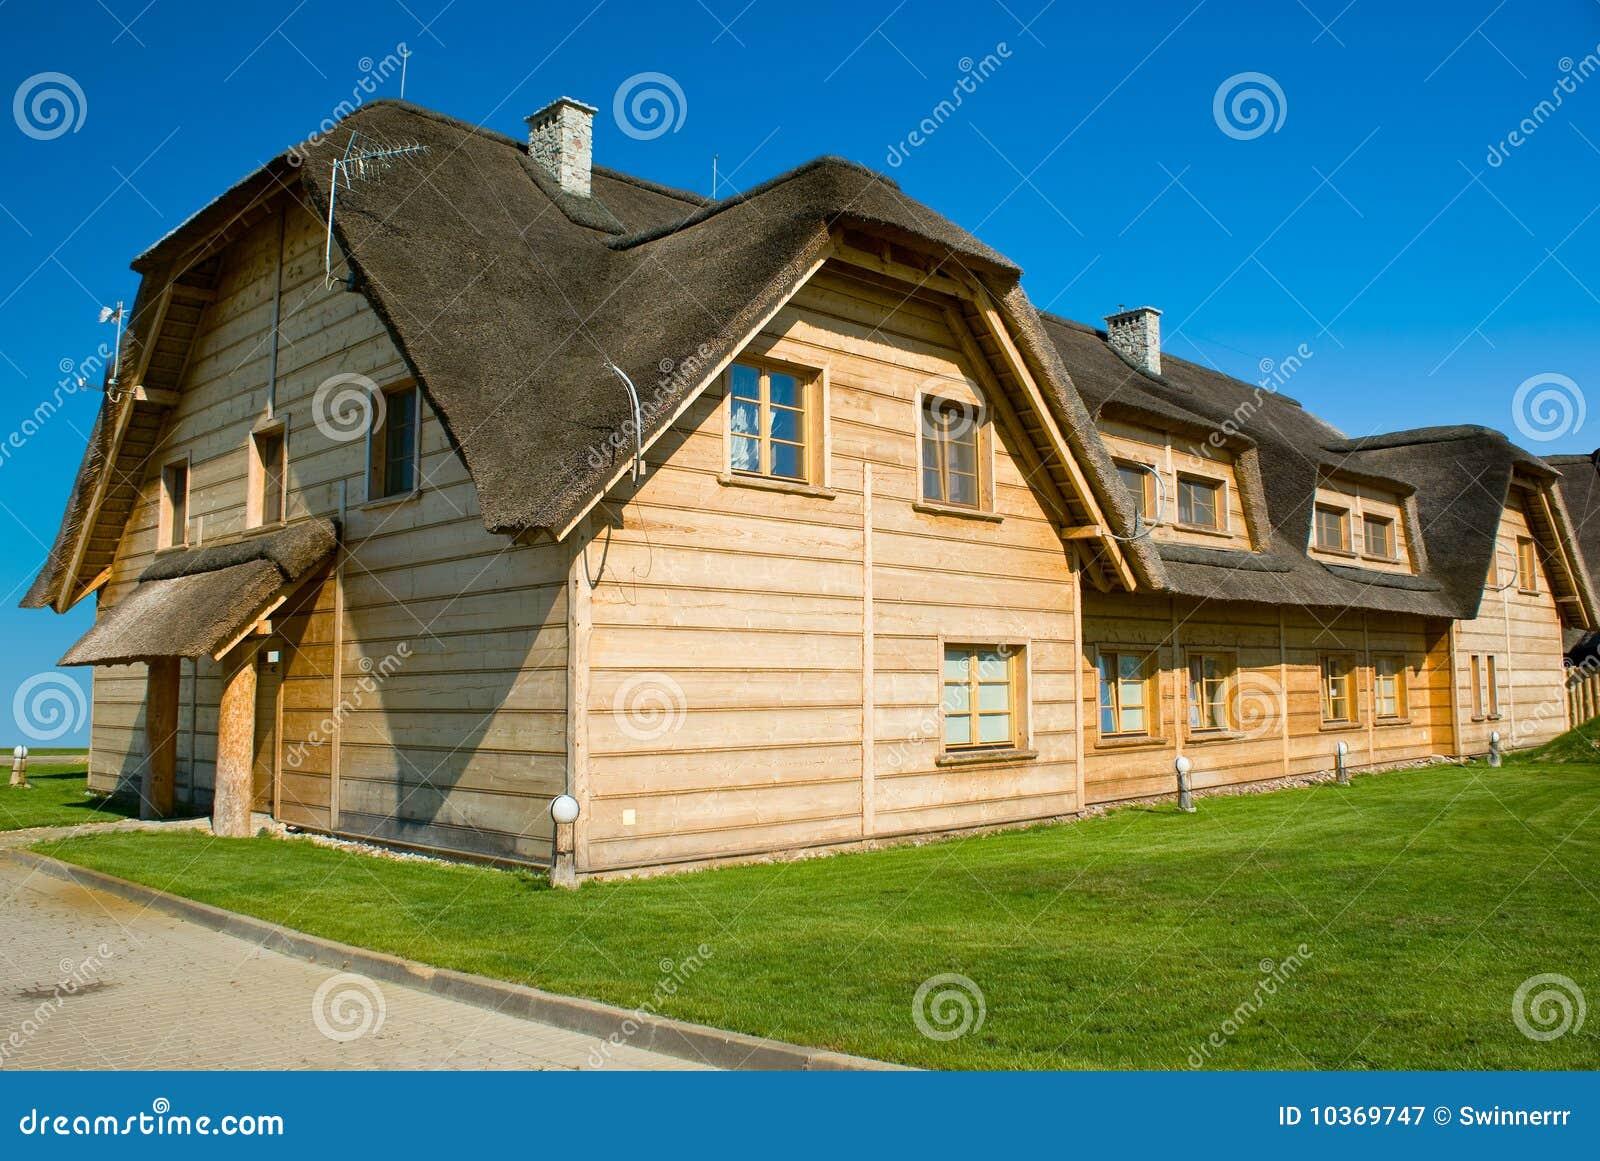 grande maison en bois avec le toit de paille image stock image du famille bleu 10369747. Black Bedroom Furniture Sets. Home Design Ideas